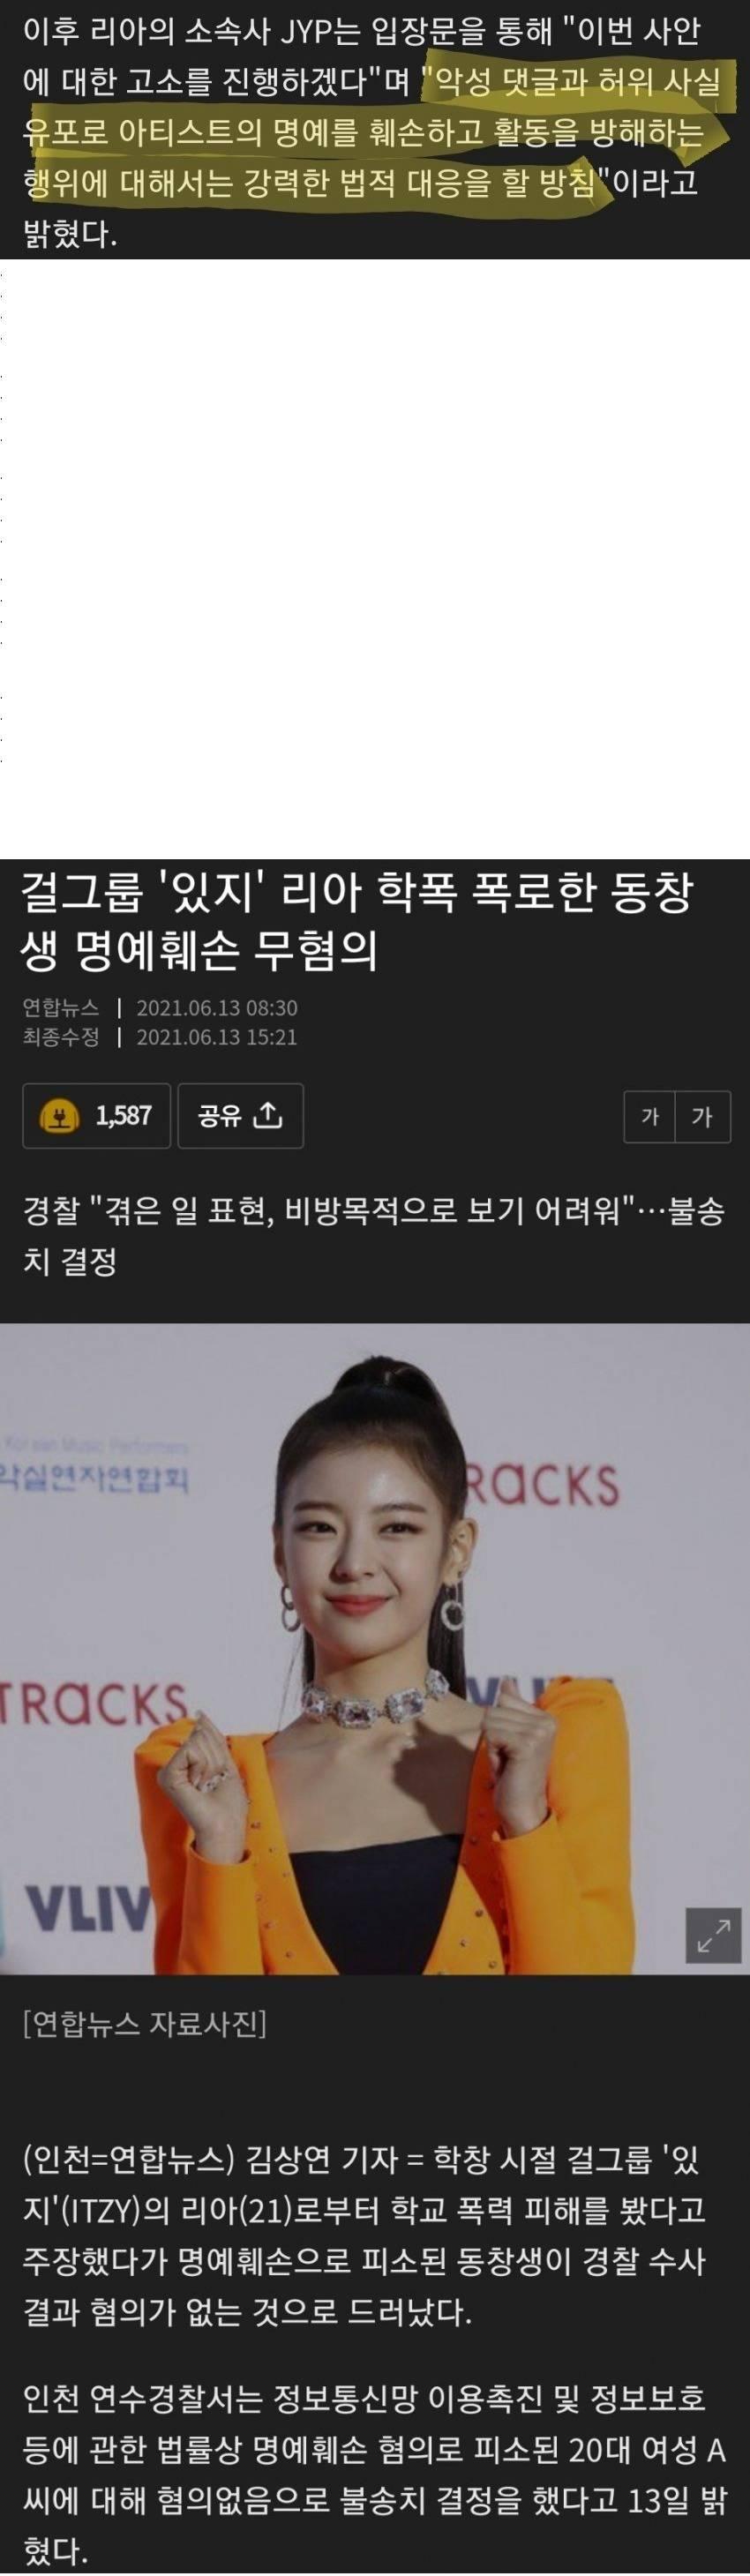 JYP의 강력한 법적대응 결과